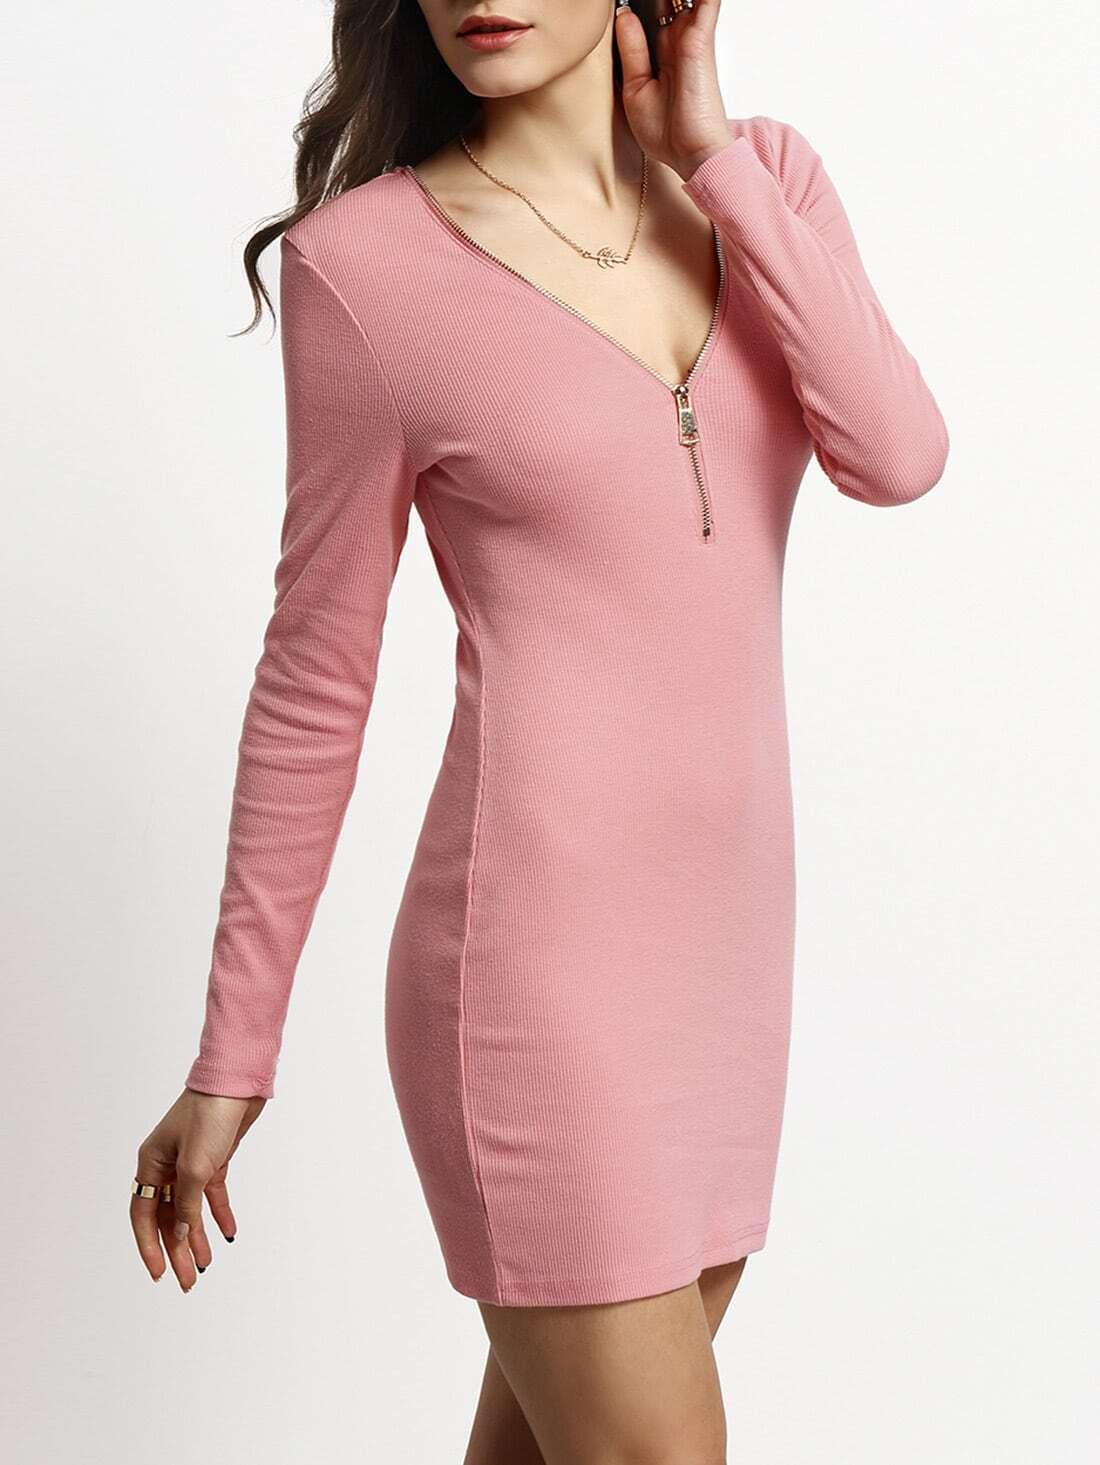 Pink Deep V Zipper Neck Bodycon Dress dress151214715